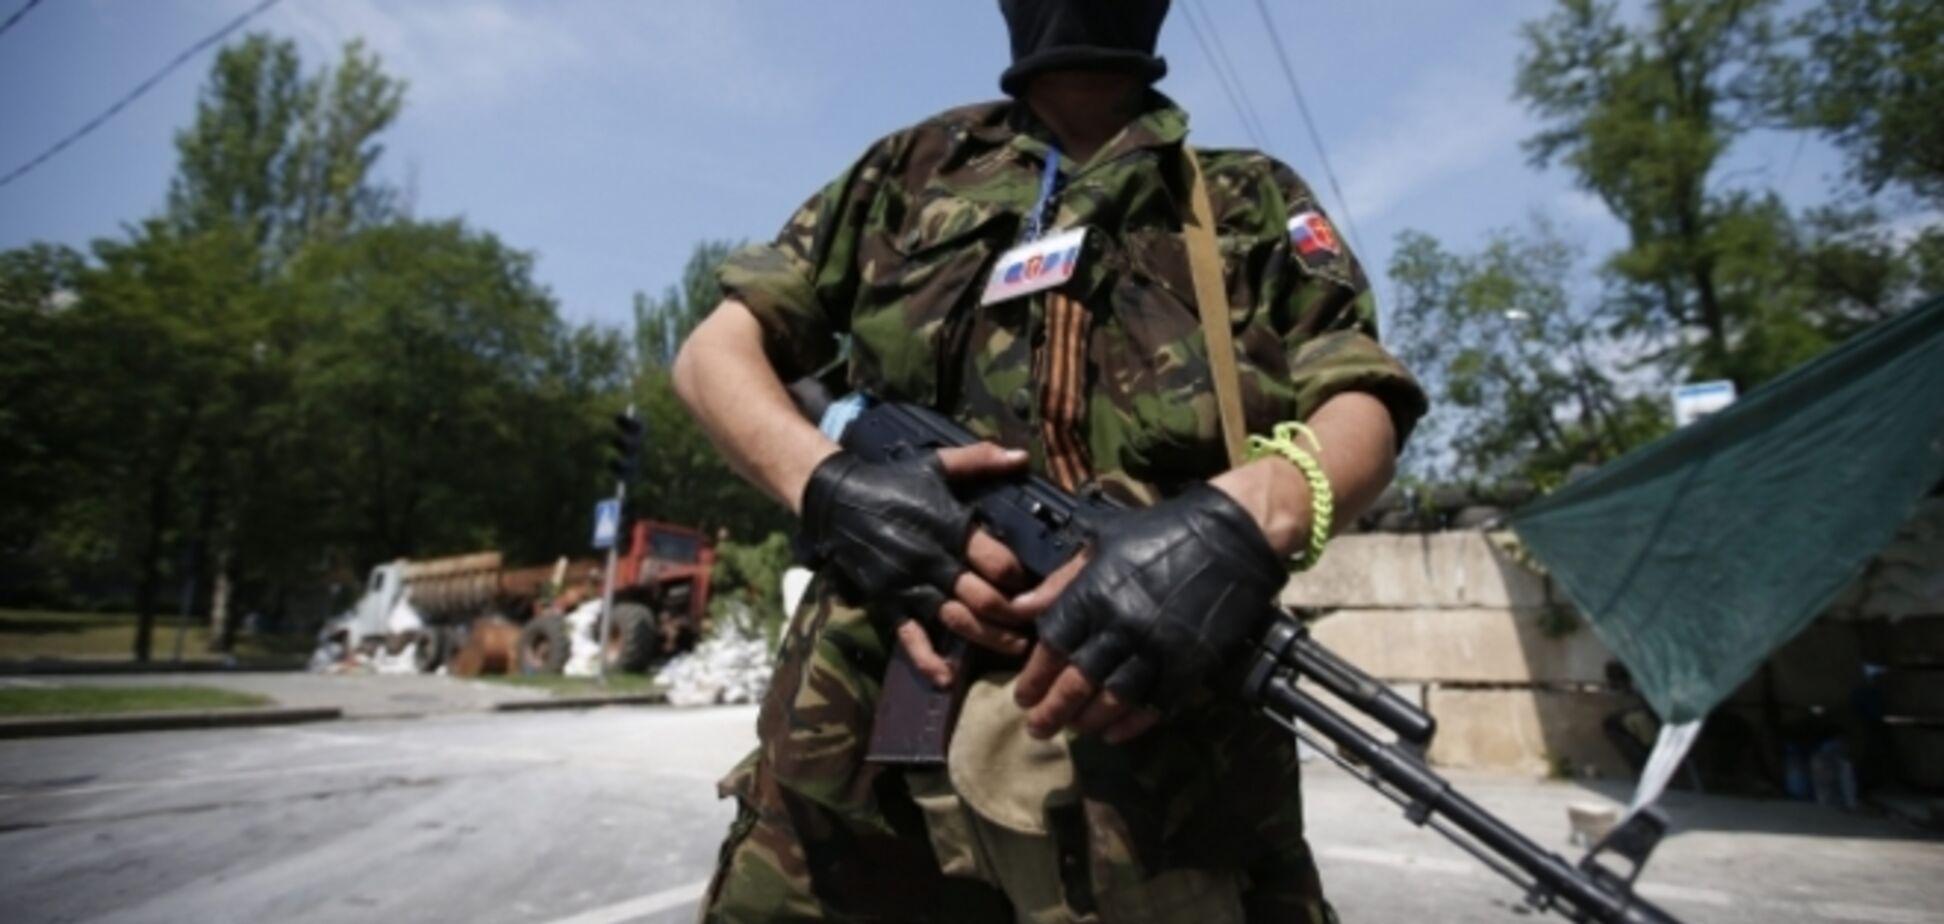 Террористы 'ДНР' начали отстреливать своих из 'Градов' и минометов  - журналист